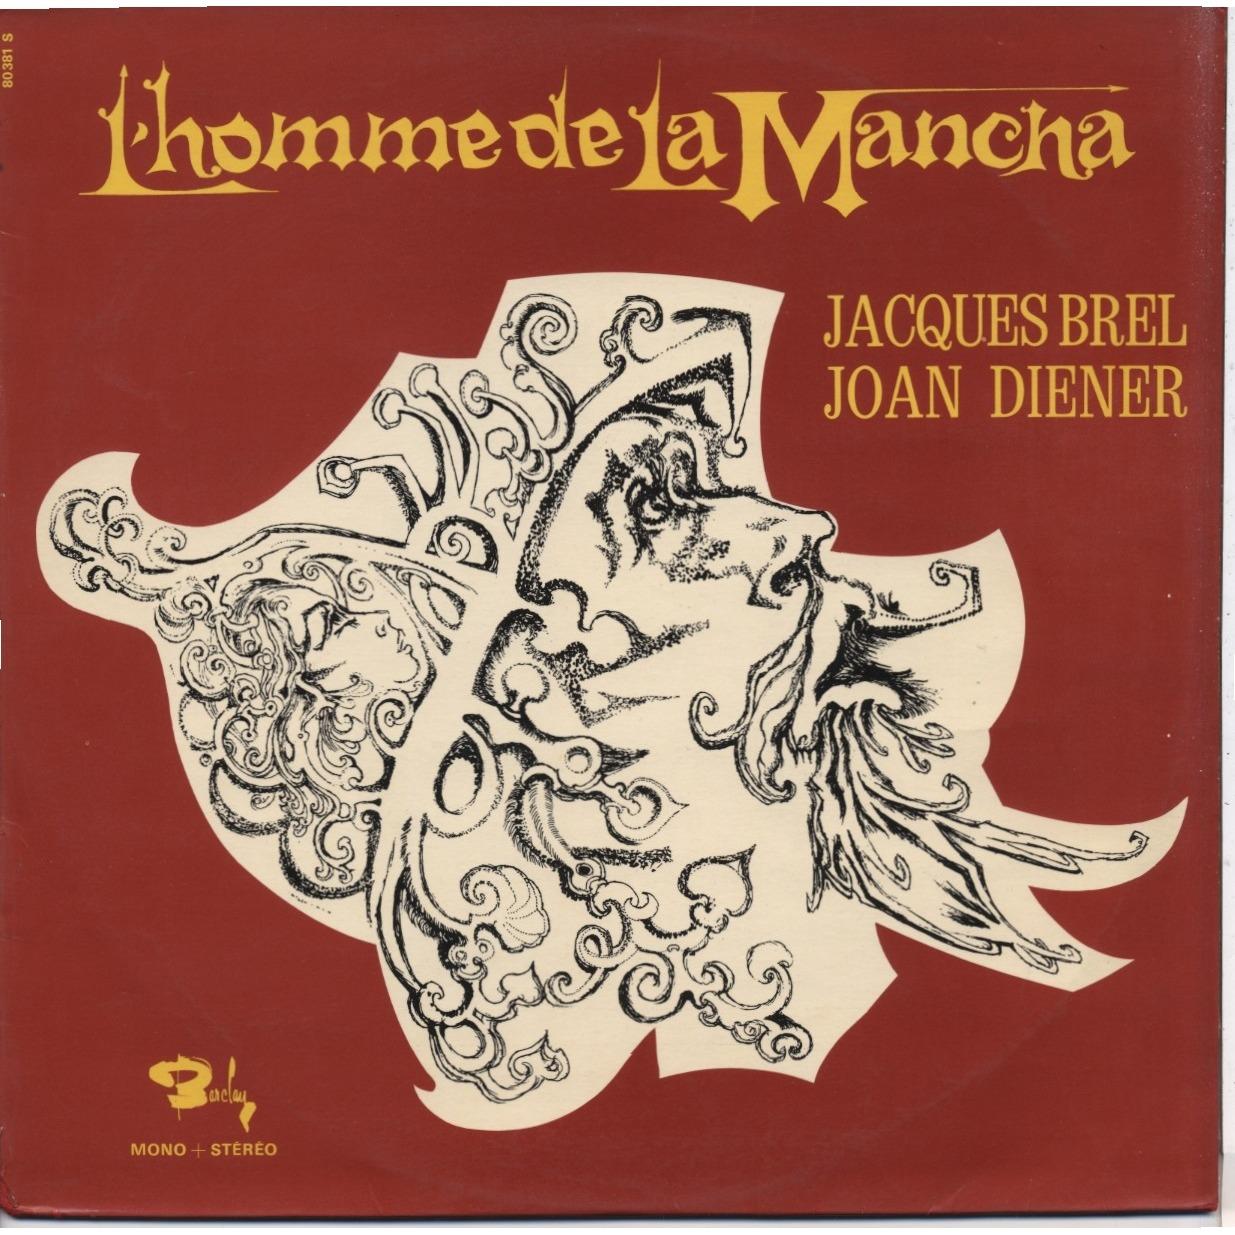 JACQUES BREL JOAN DIENNER ARMAND MESTRAL L'Homme De La Mancha